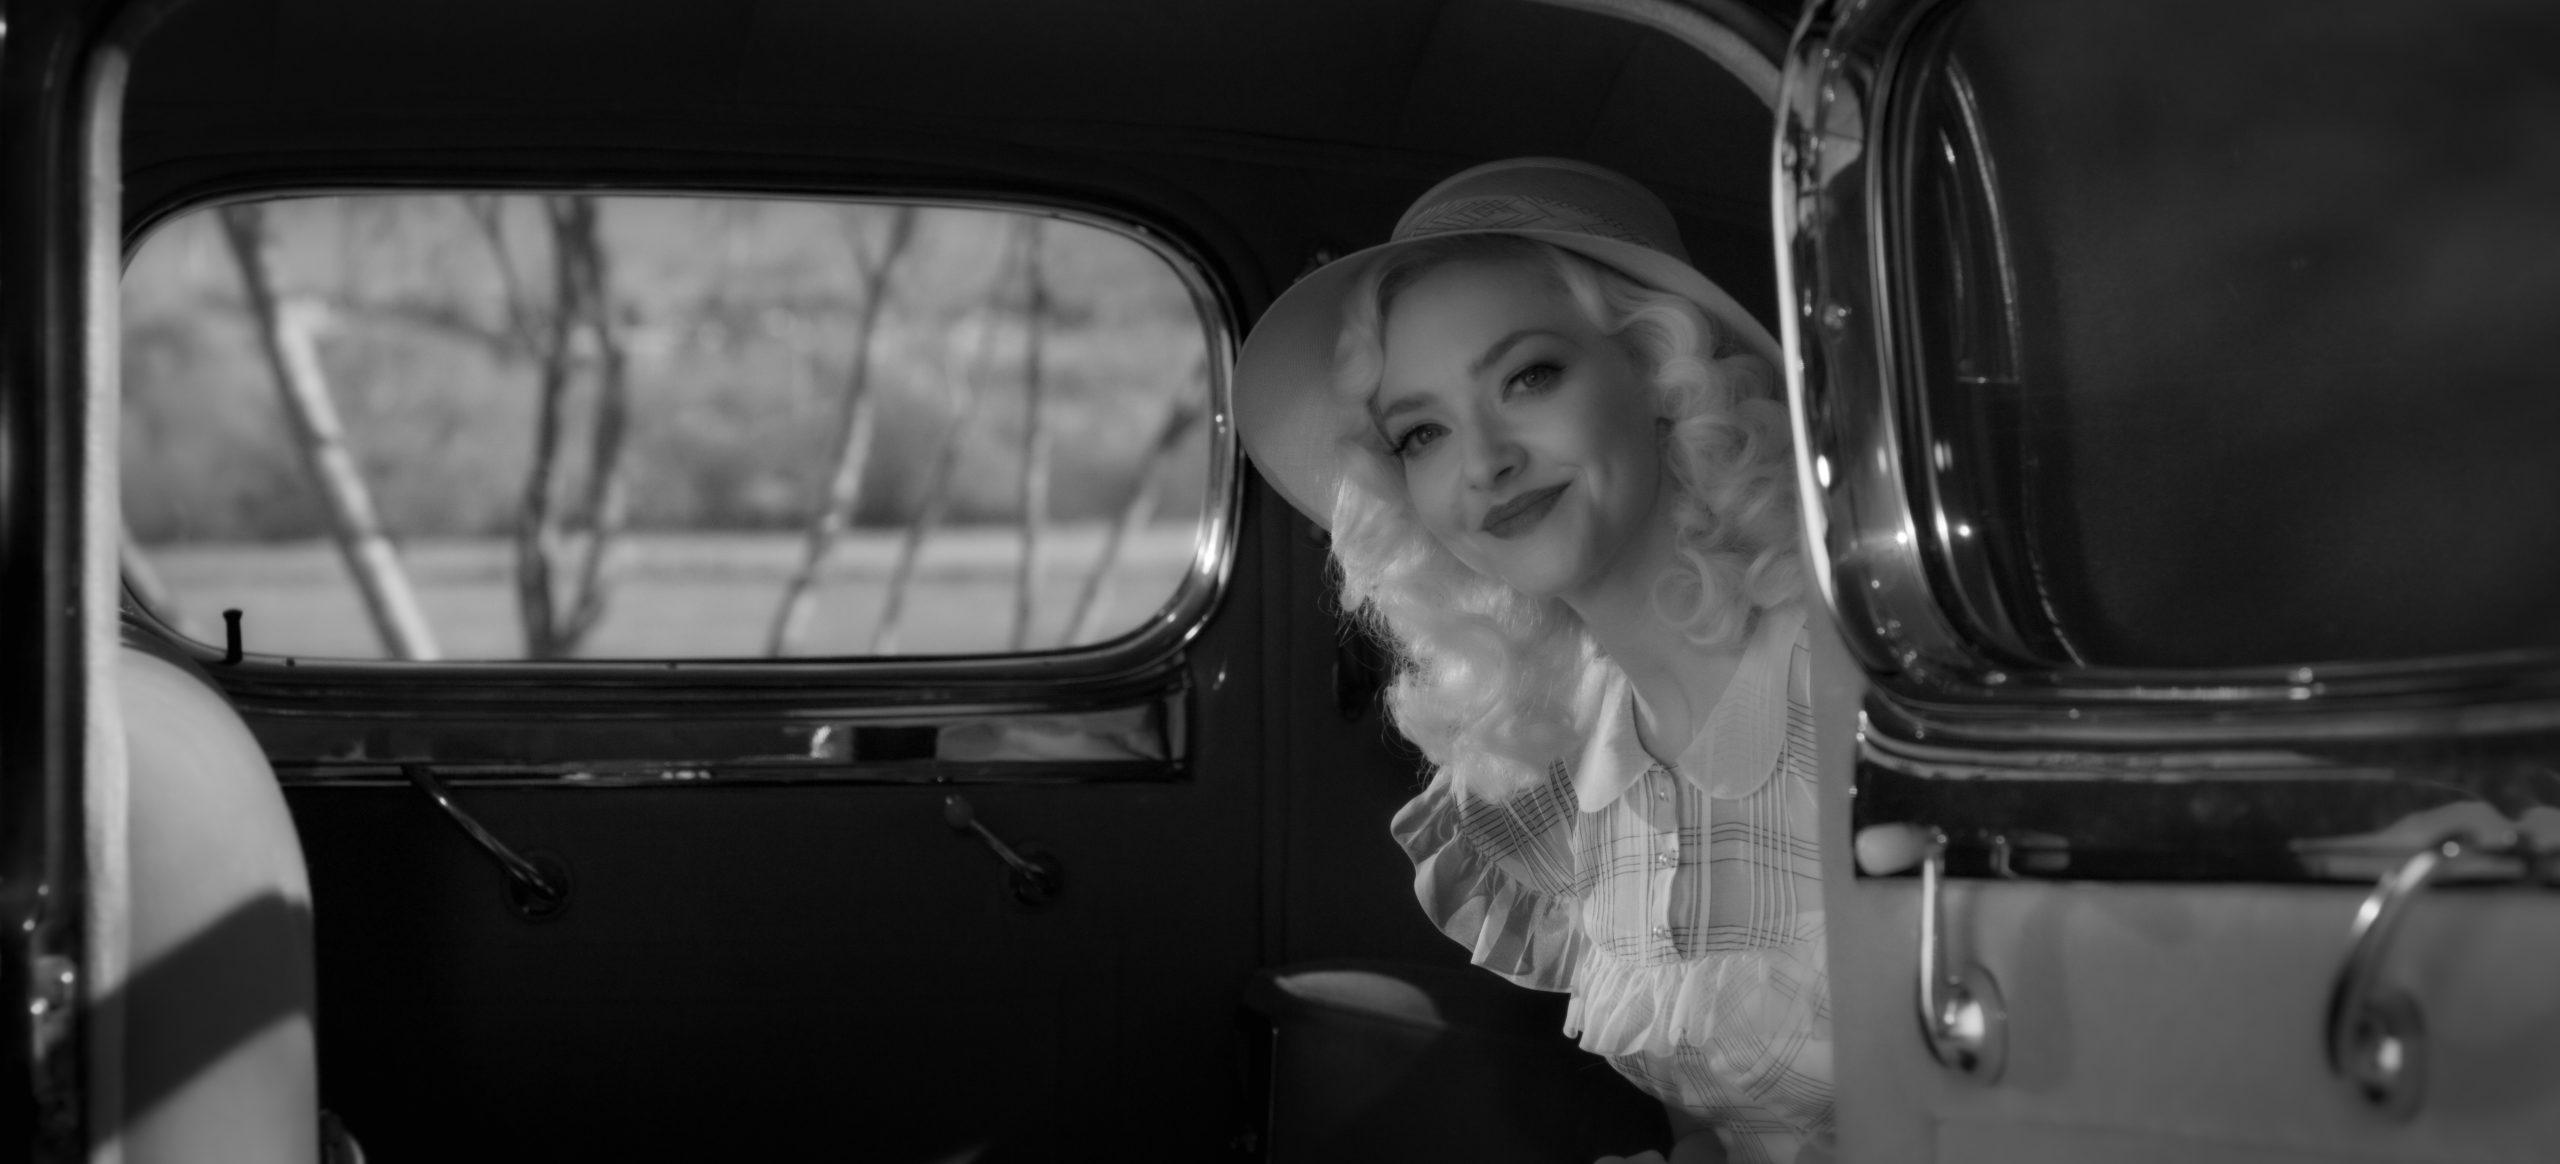 Cena do filme Mank. Vemos Amanda Seyfried, uma mulher branca, jovem e de cabelos loiros, olhando para fora de um carro antigo. Ela tem o cabelo curto, na altura dos ombros, e usa um chapéu branco. A imagem é em preto e branco.